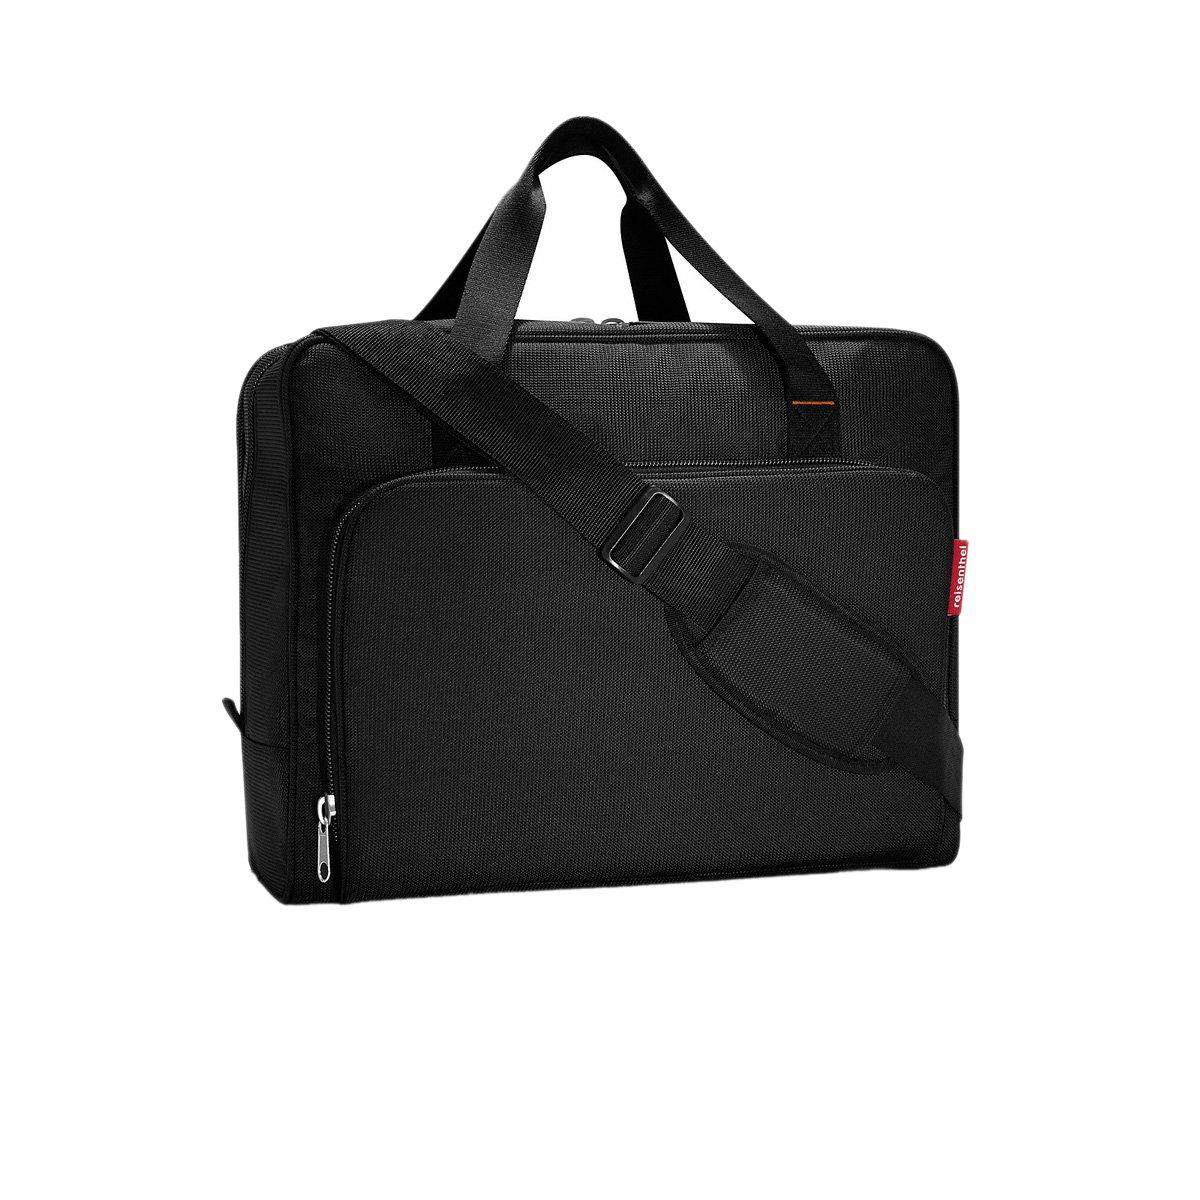 Reisenthel Reisetasche Boardingbag 46 cm 30 Liters Schwarz (black) 4012013566684    Kritiken und weitere Informationen